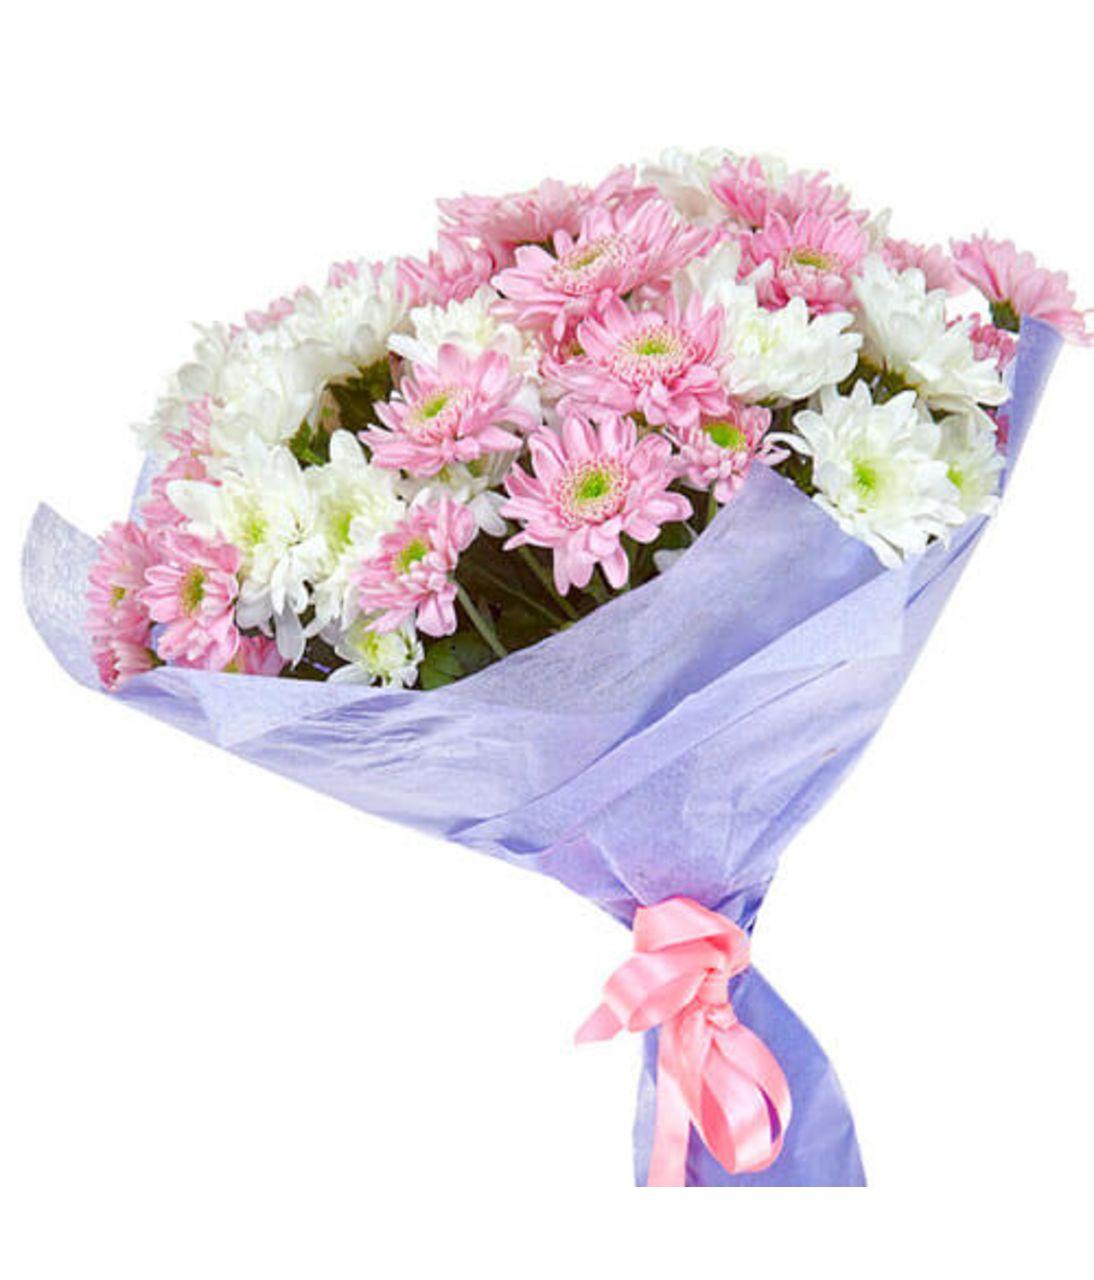 """Букет из 7 хризантем """"Утренний свет"""". superflowers.com.ua. Сборный букет хризантем"""